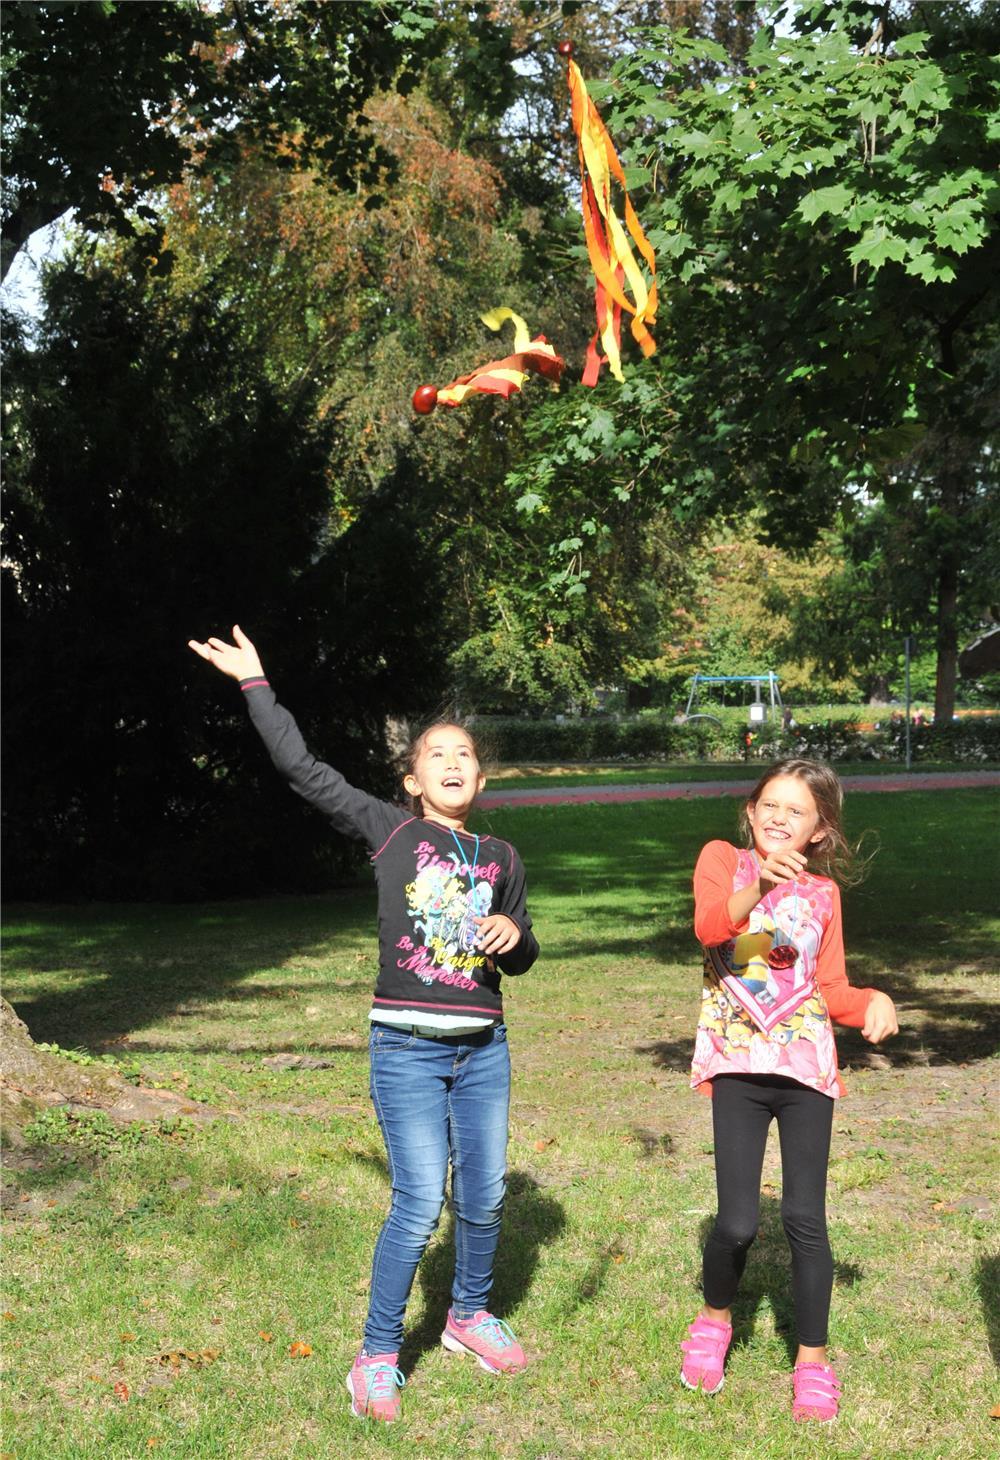 zwei Kinder werfen Kastanien, an denen bunte Bänder hängen, in die Luft